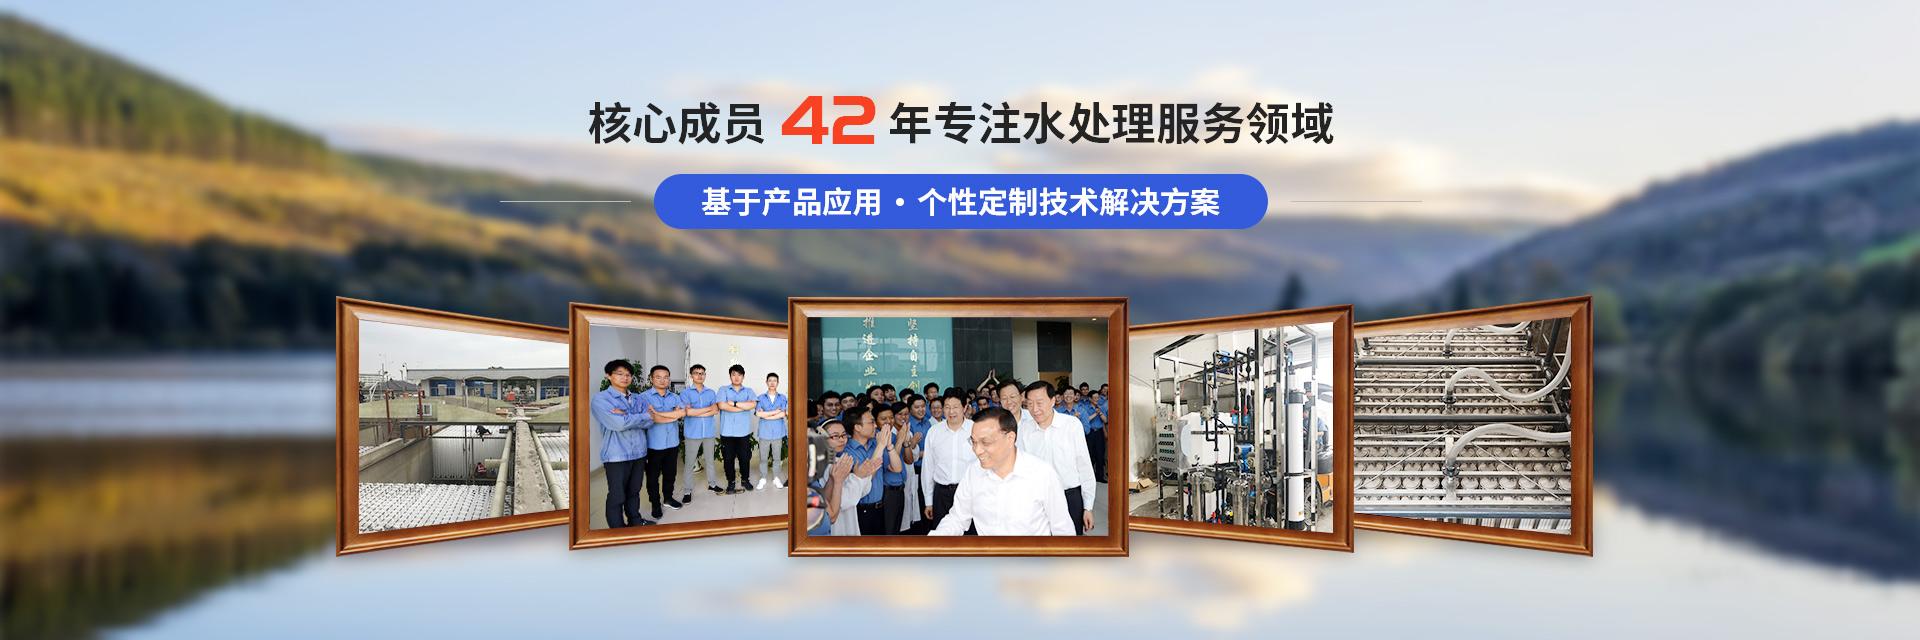 苏净新材料-苏净42年专注水处理领域,基于产品应用·个性定制技术解决方案